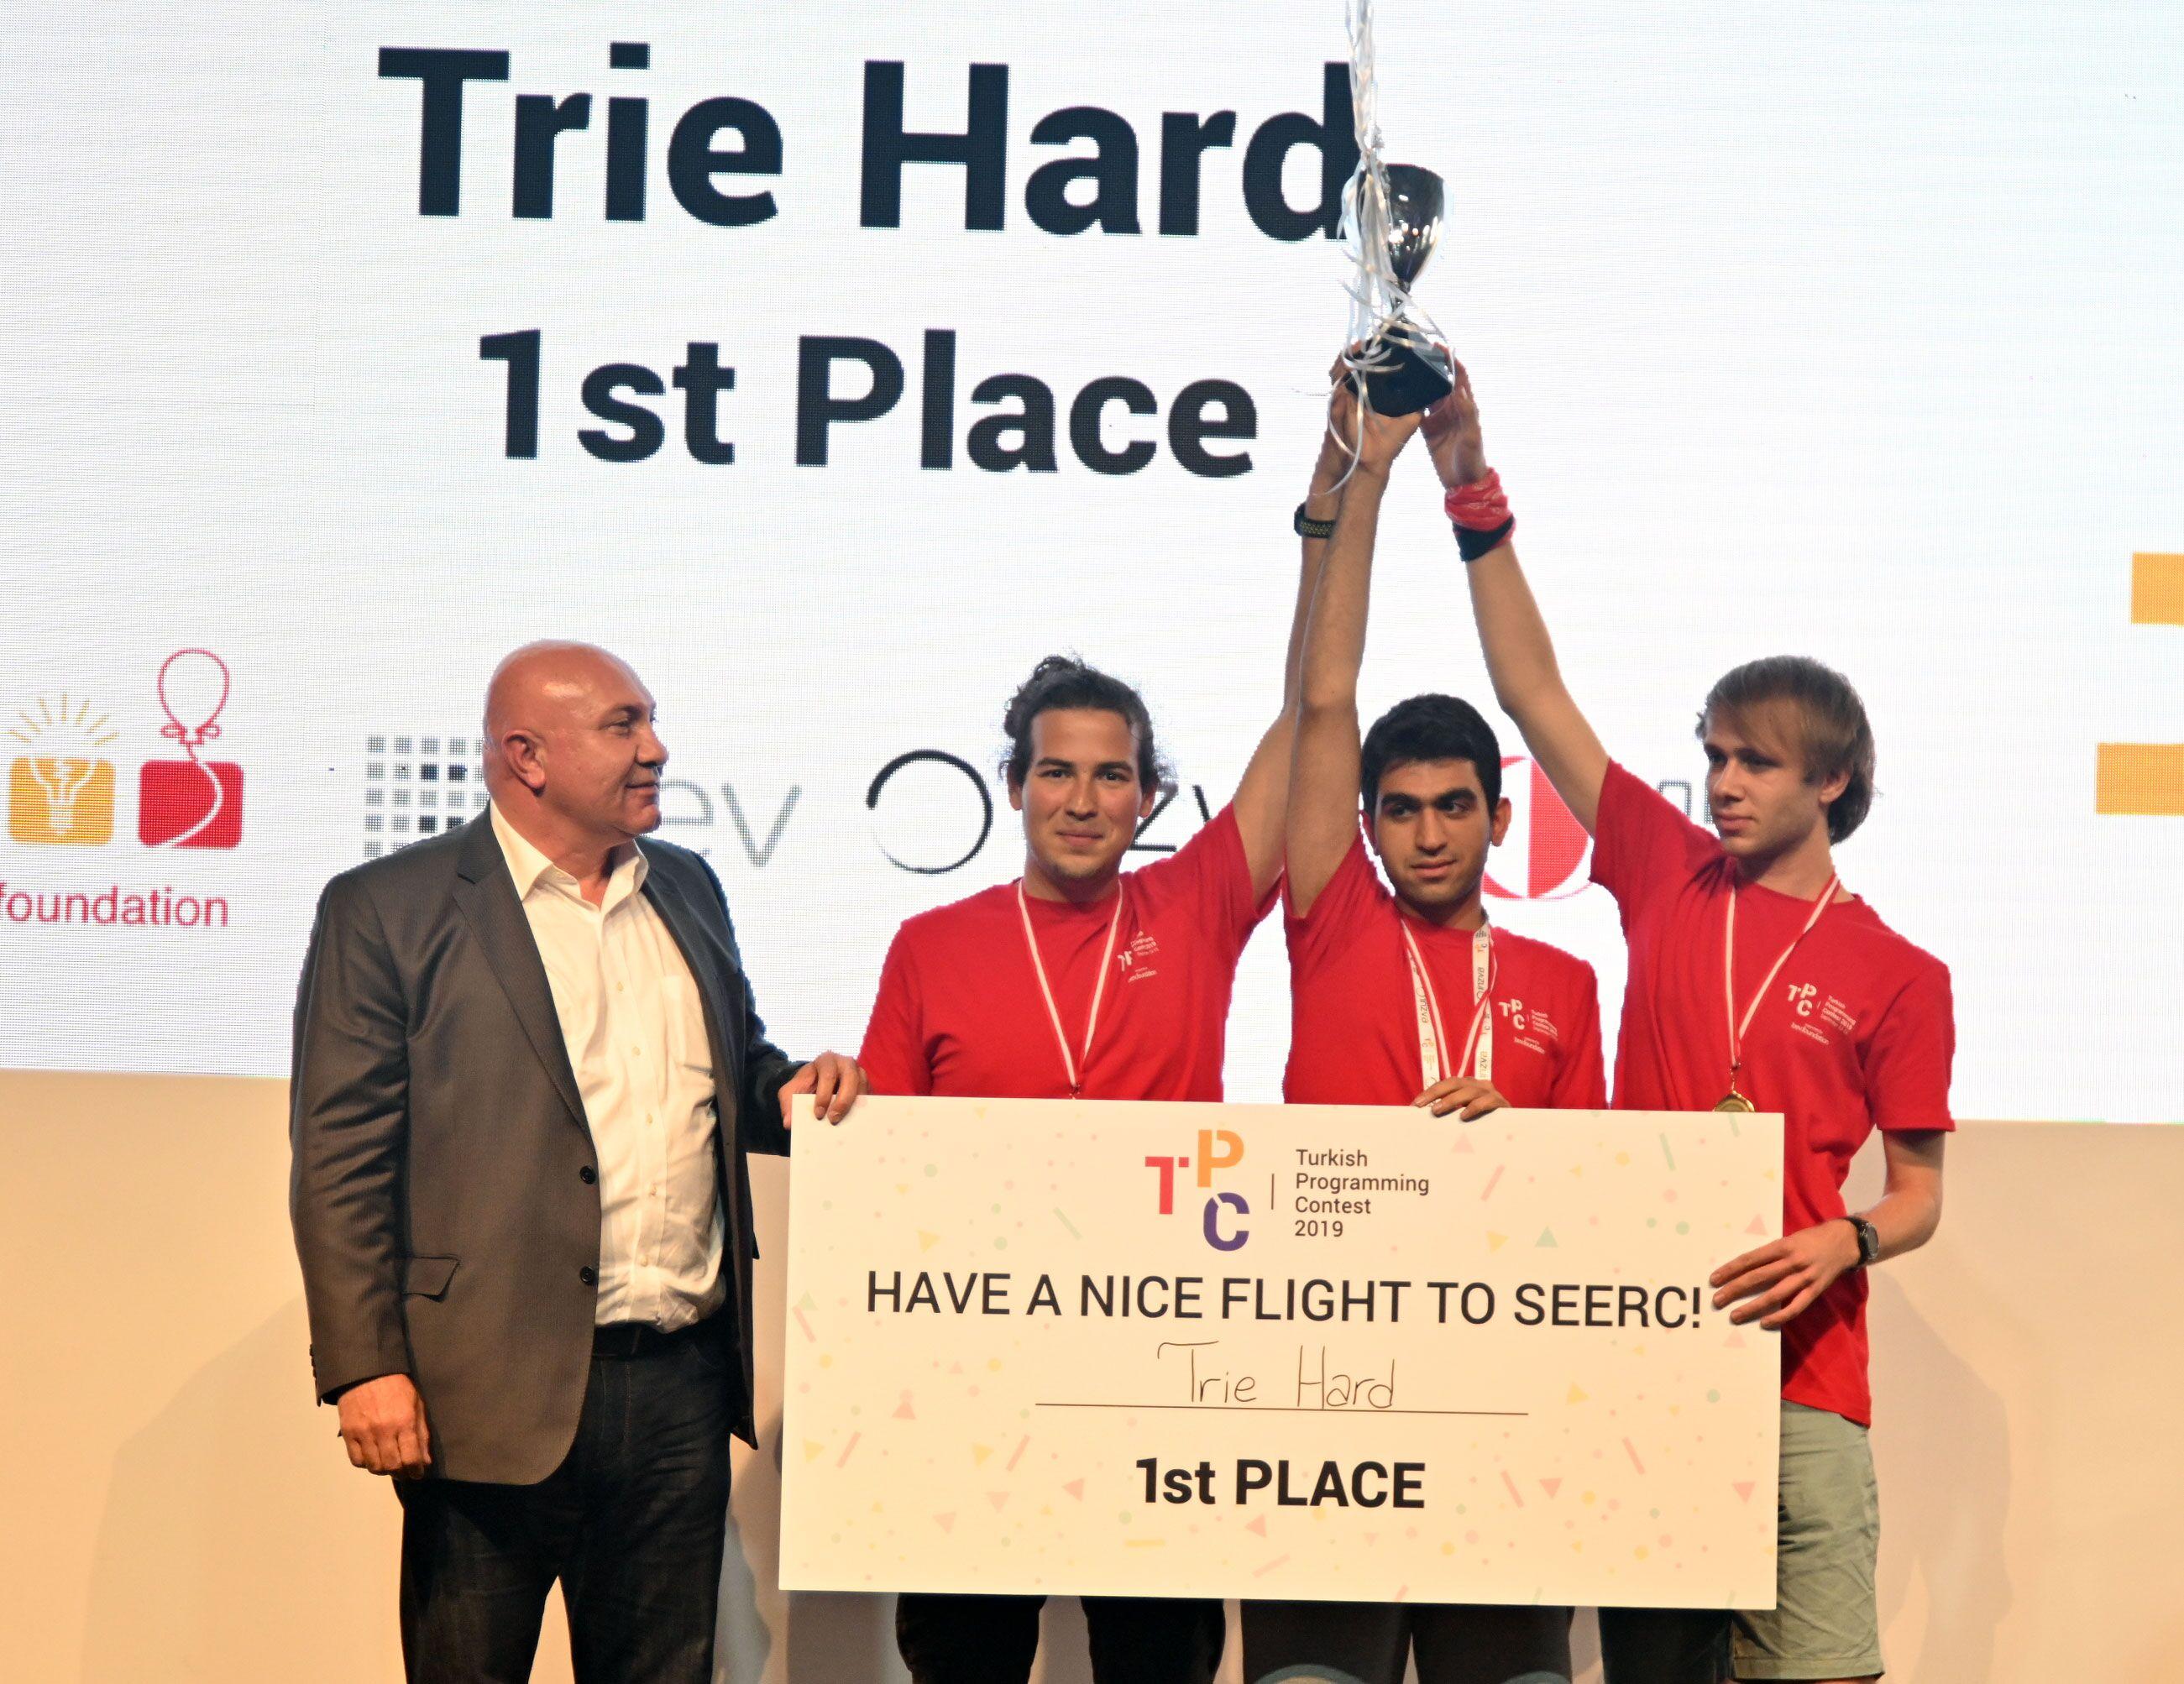 Ulusal Programlama Yarışması'nın kazananları Bükreş yolcusu